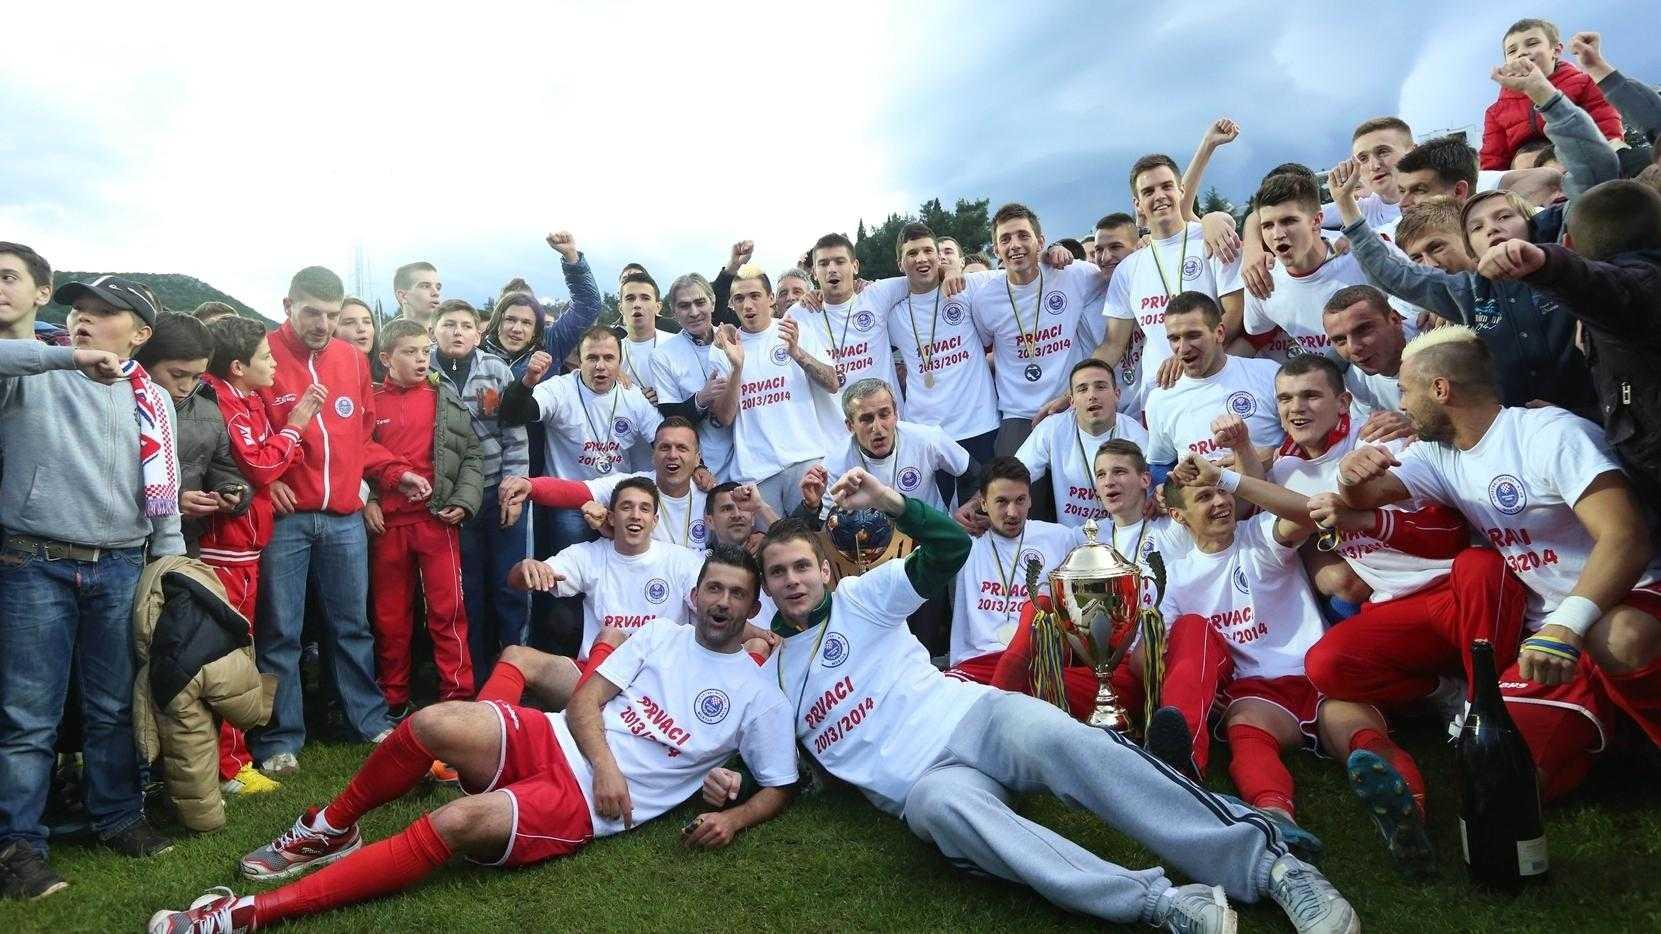 Kết quả giải ngoại hạng Bosnia, bóng đá bosnia và herzegovina - flashscore.ru